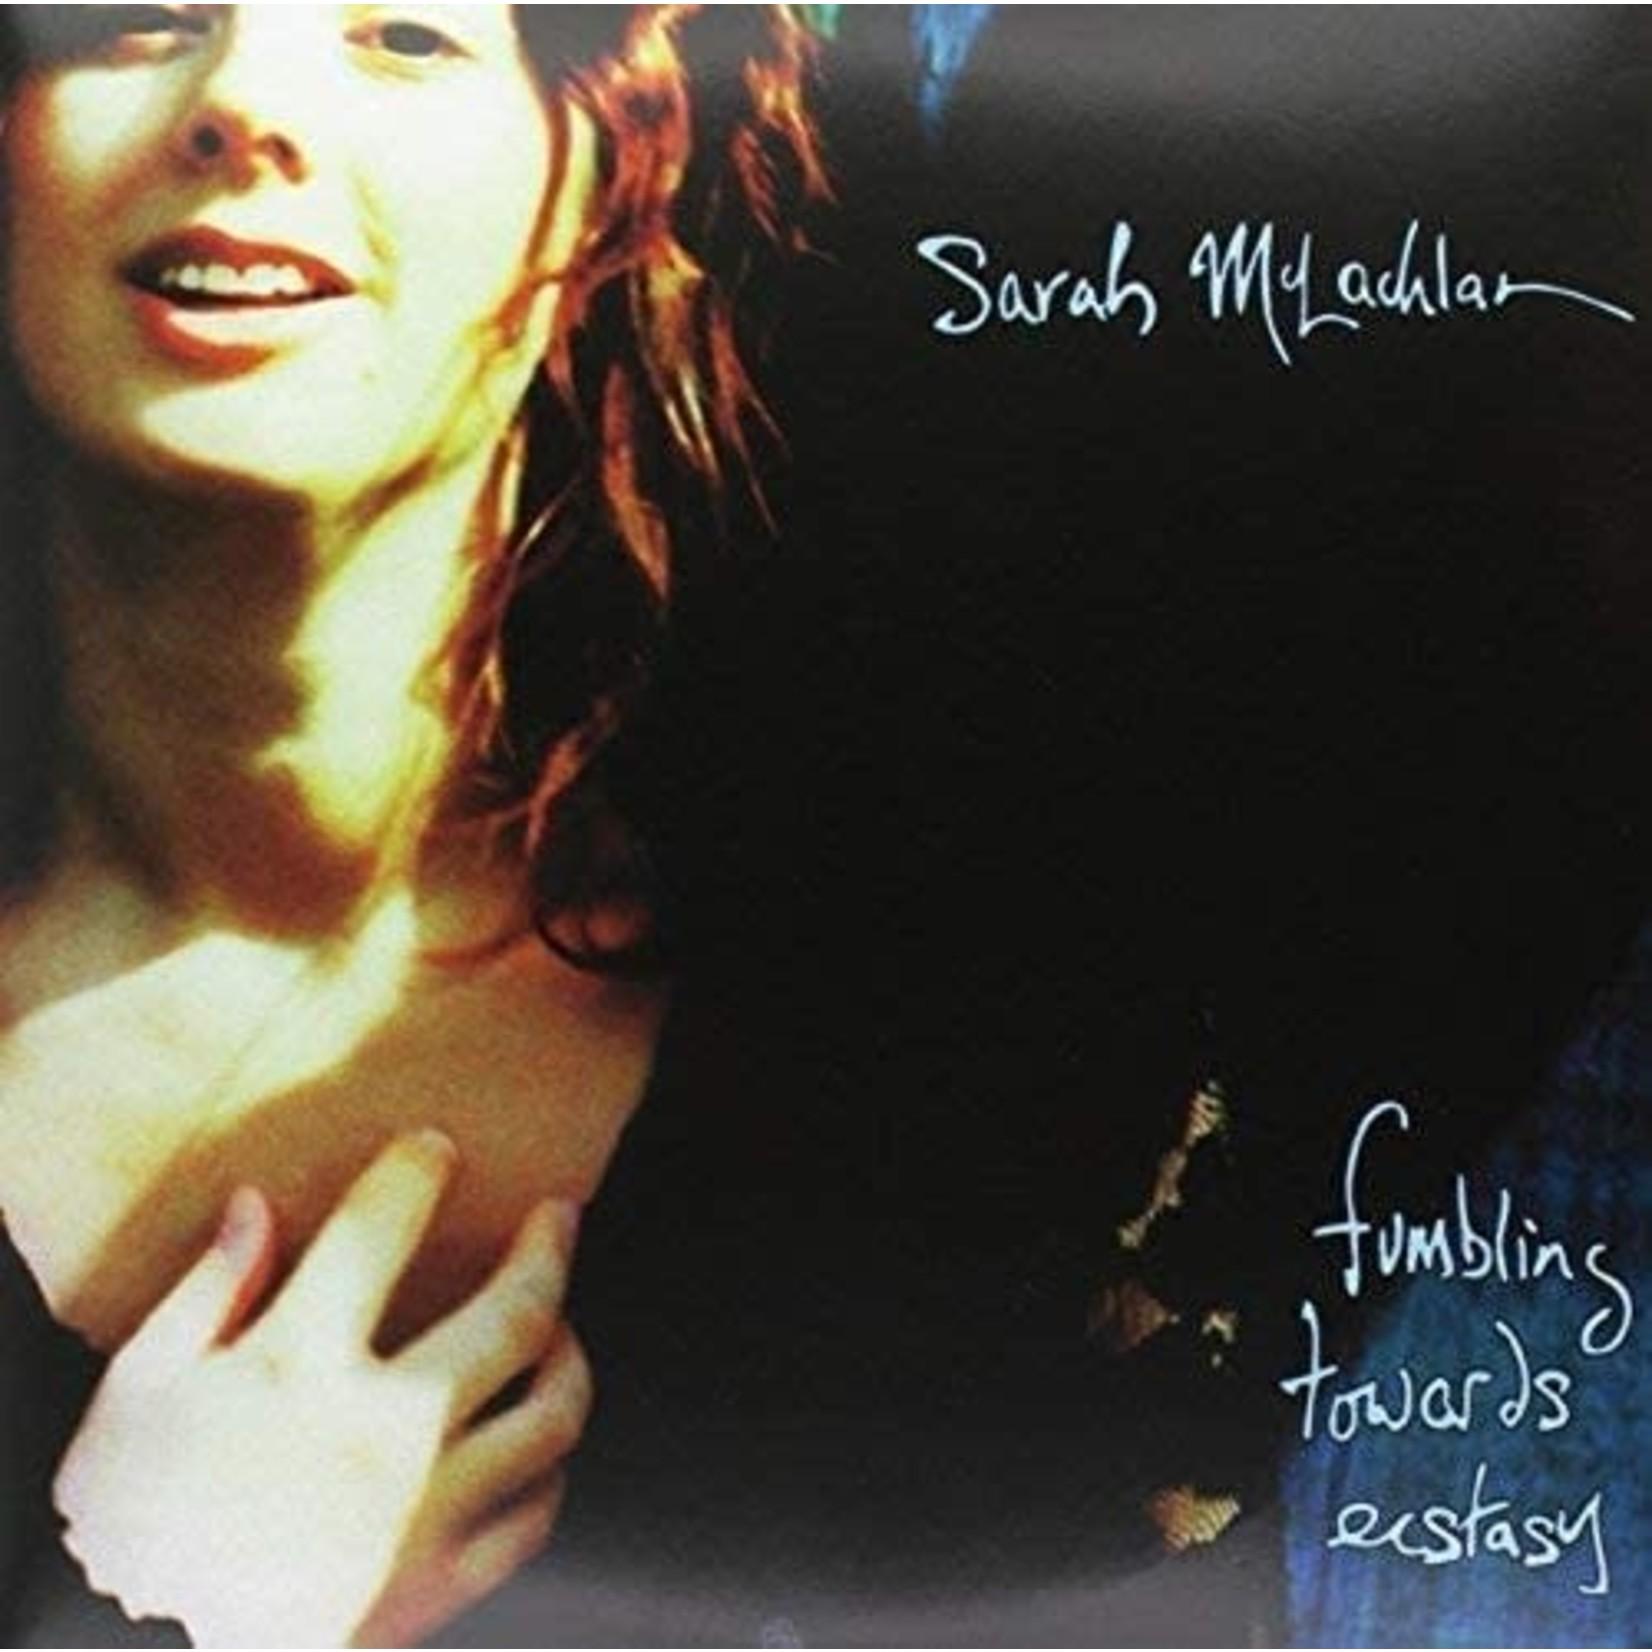 SARAH McLACHLAN FUMBLING TOWARDS ECSTACY